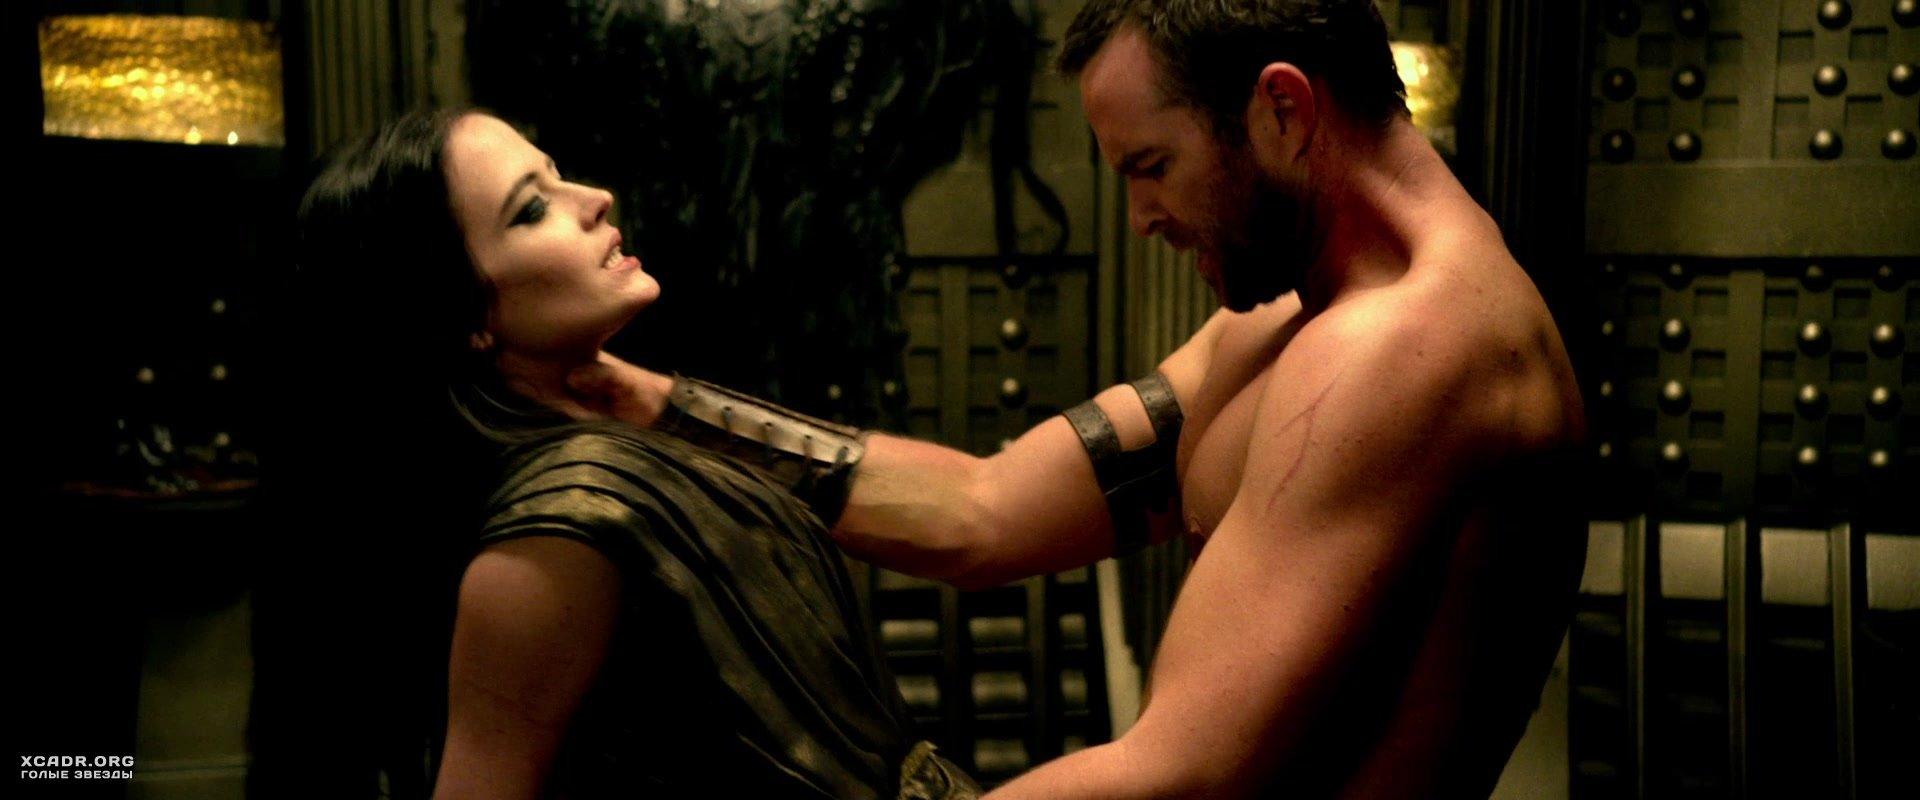 Спартанские оргии порно фото 488-578